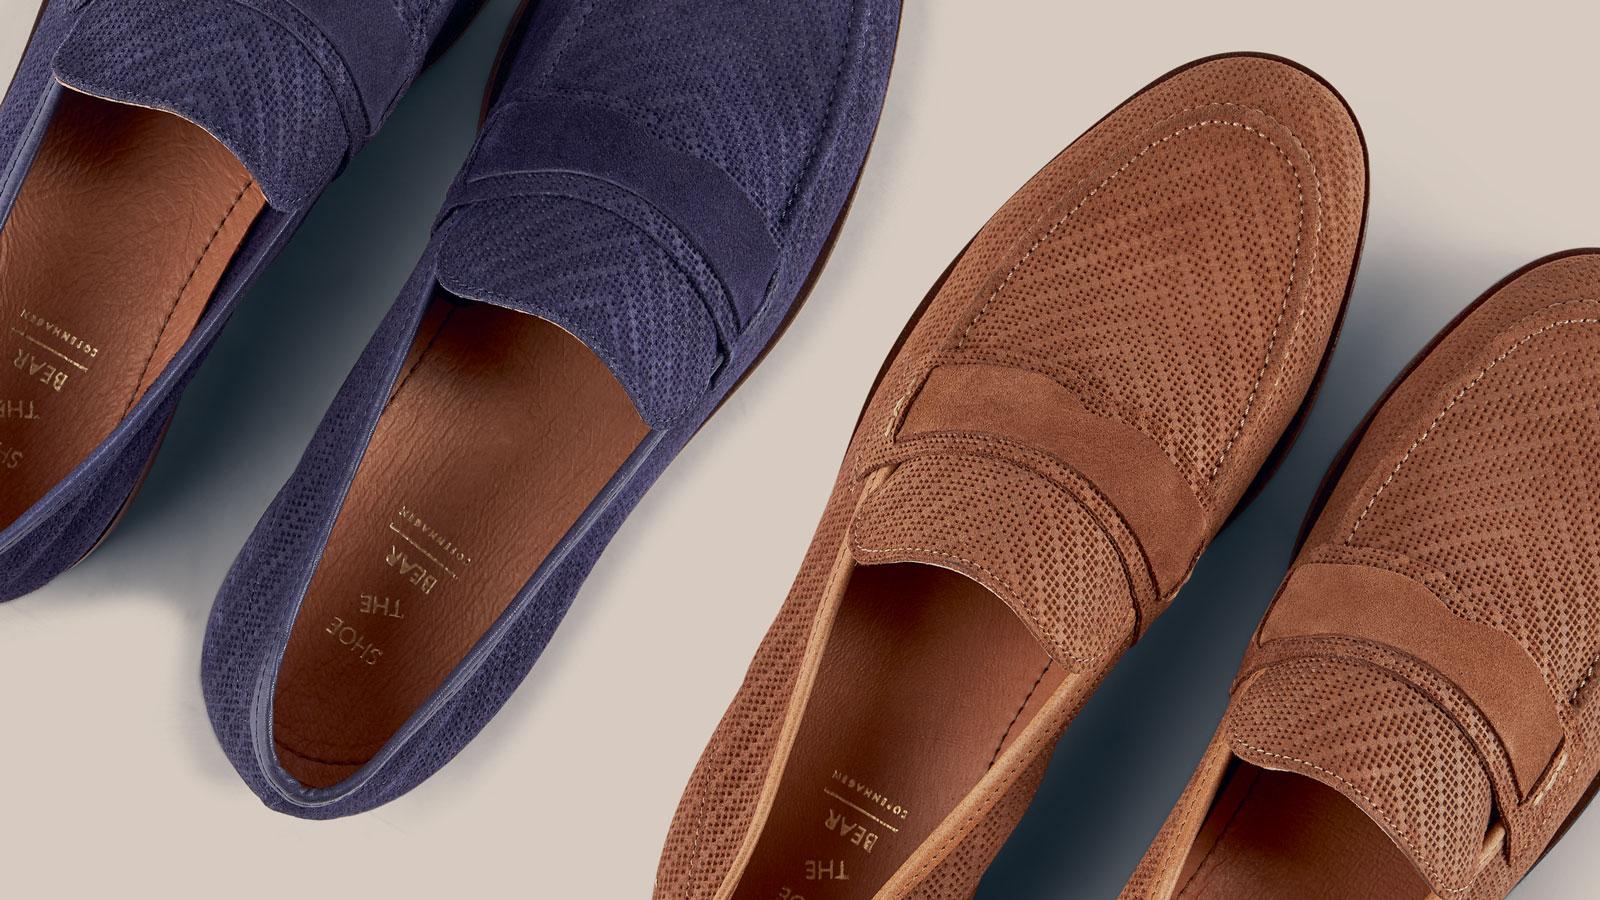 Sko nyheder Se alle vores sko nyheder til mænd, kvinder og